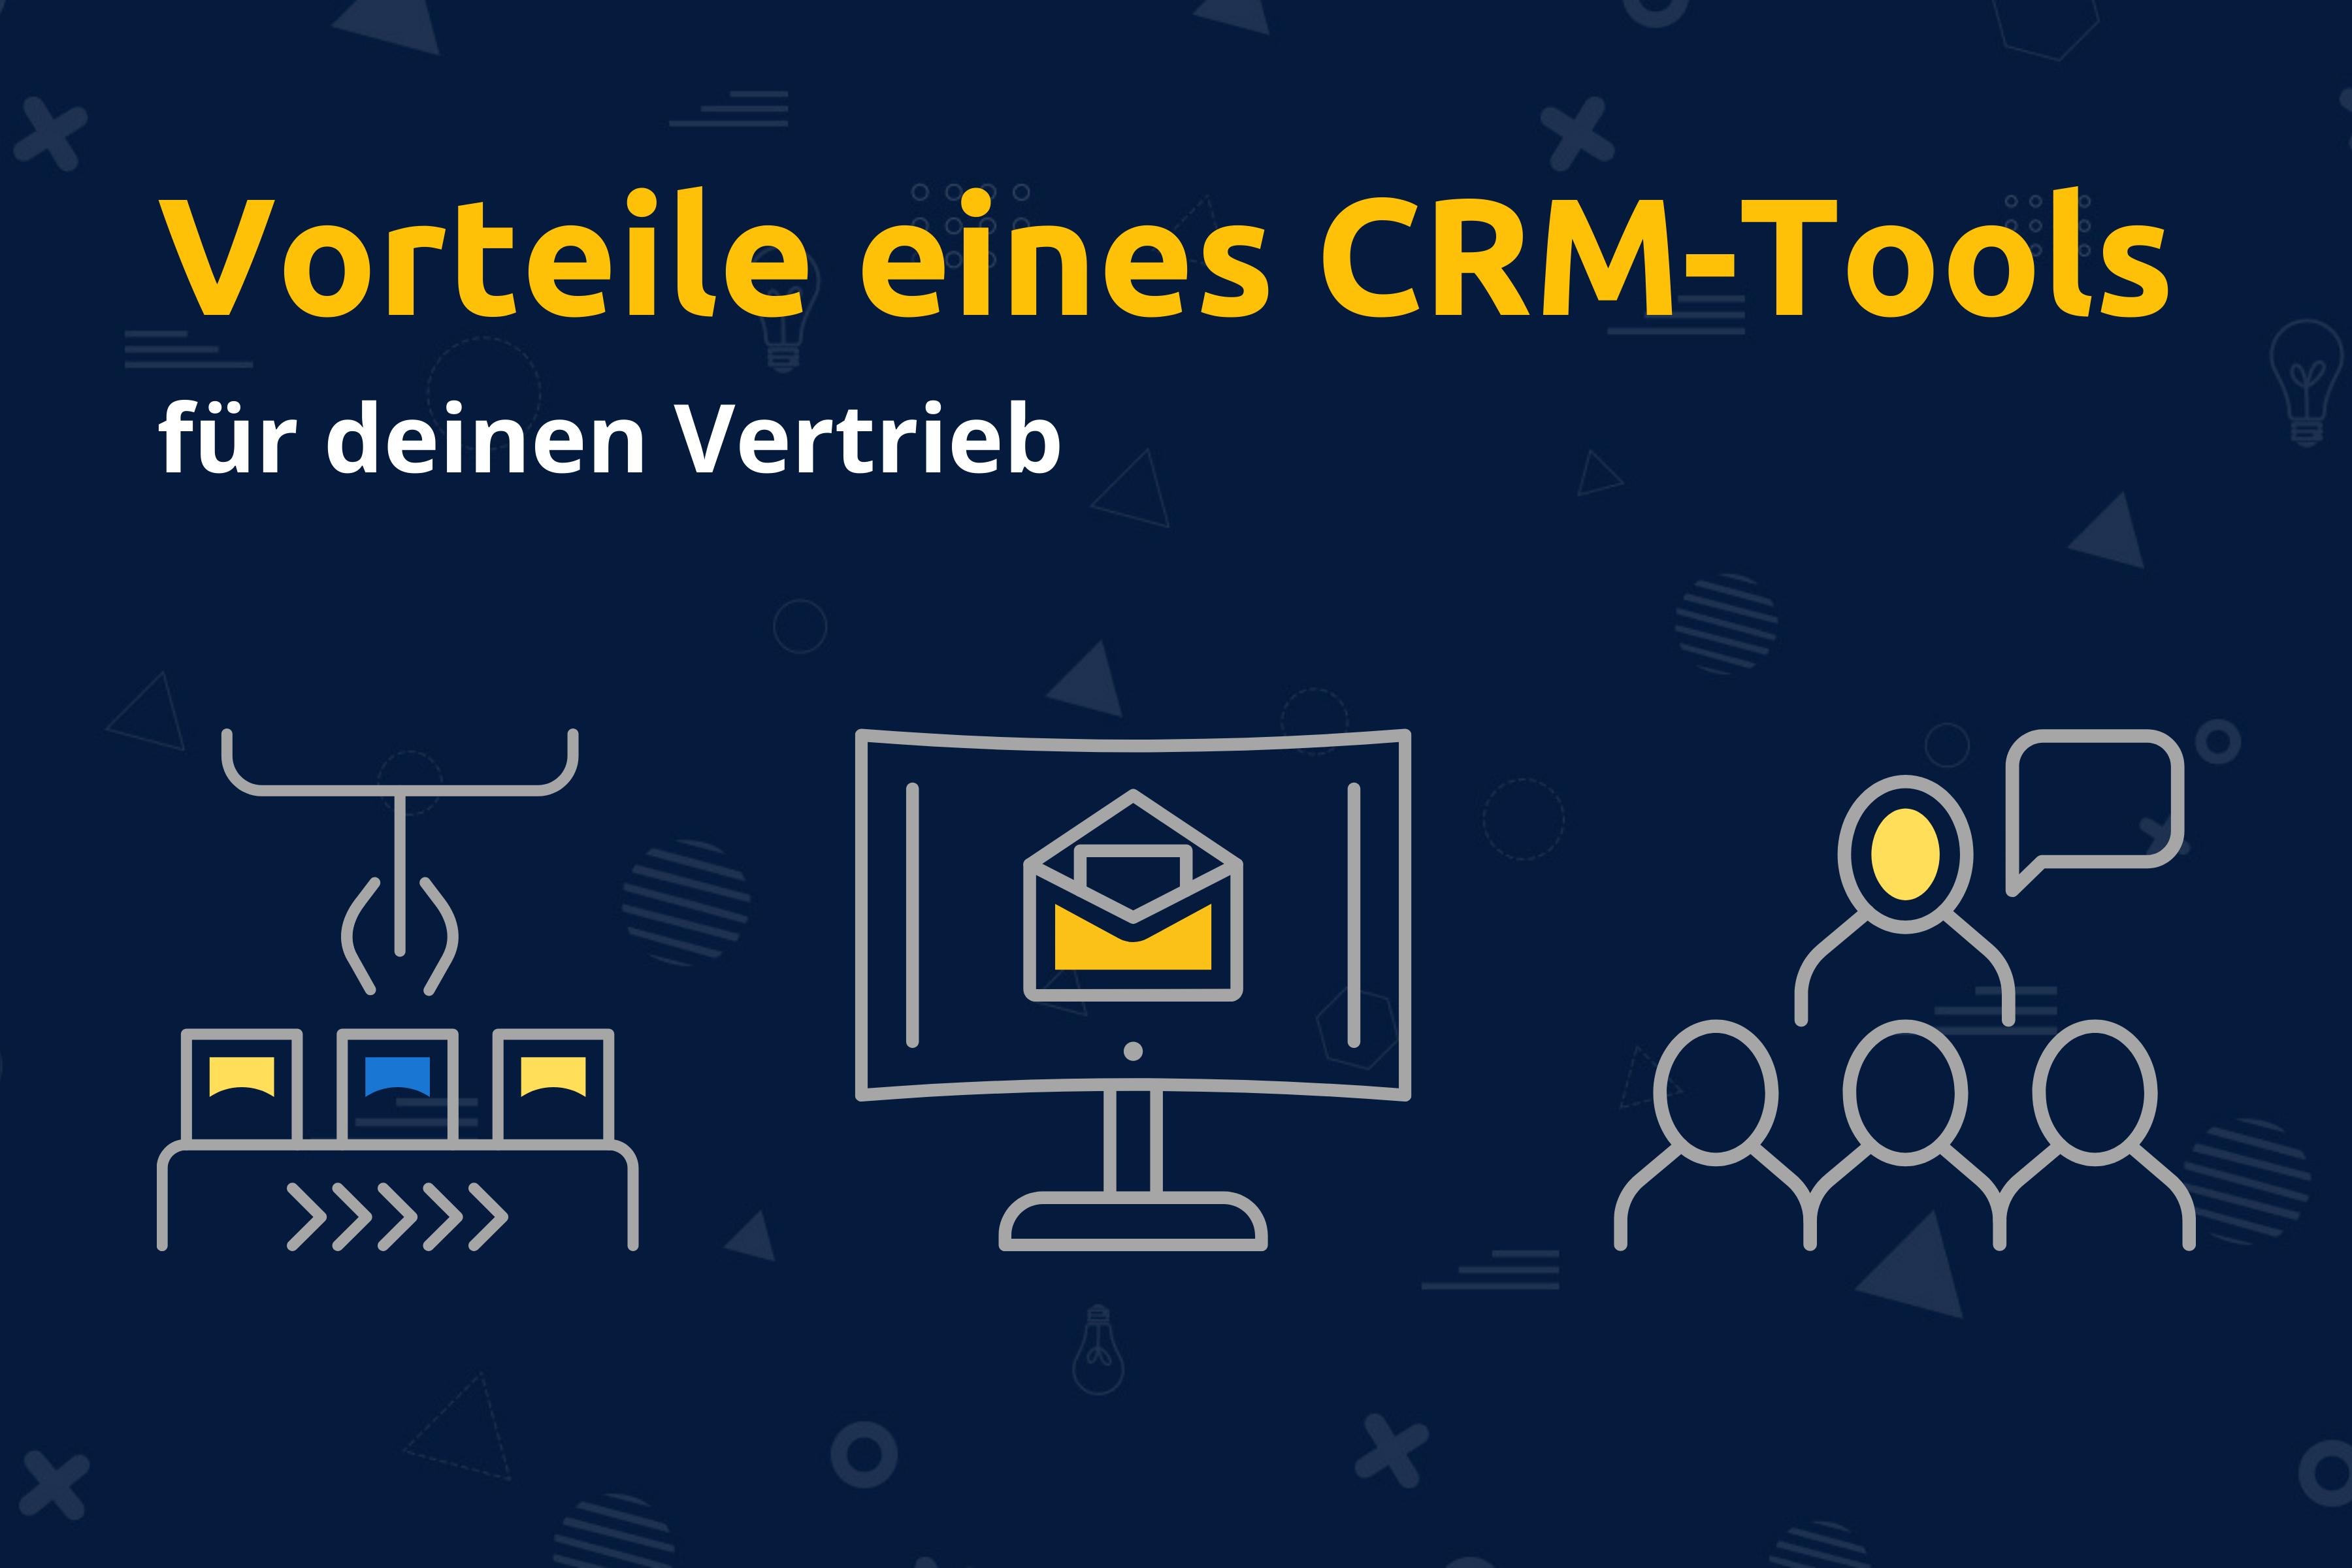 Online-Vertriebsberatung - CRM Vorteile Vertrieb